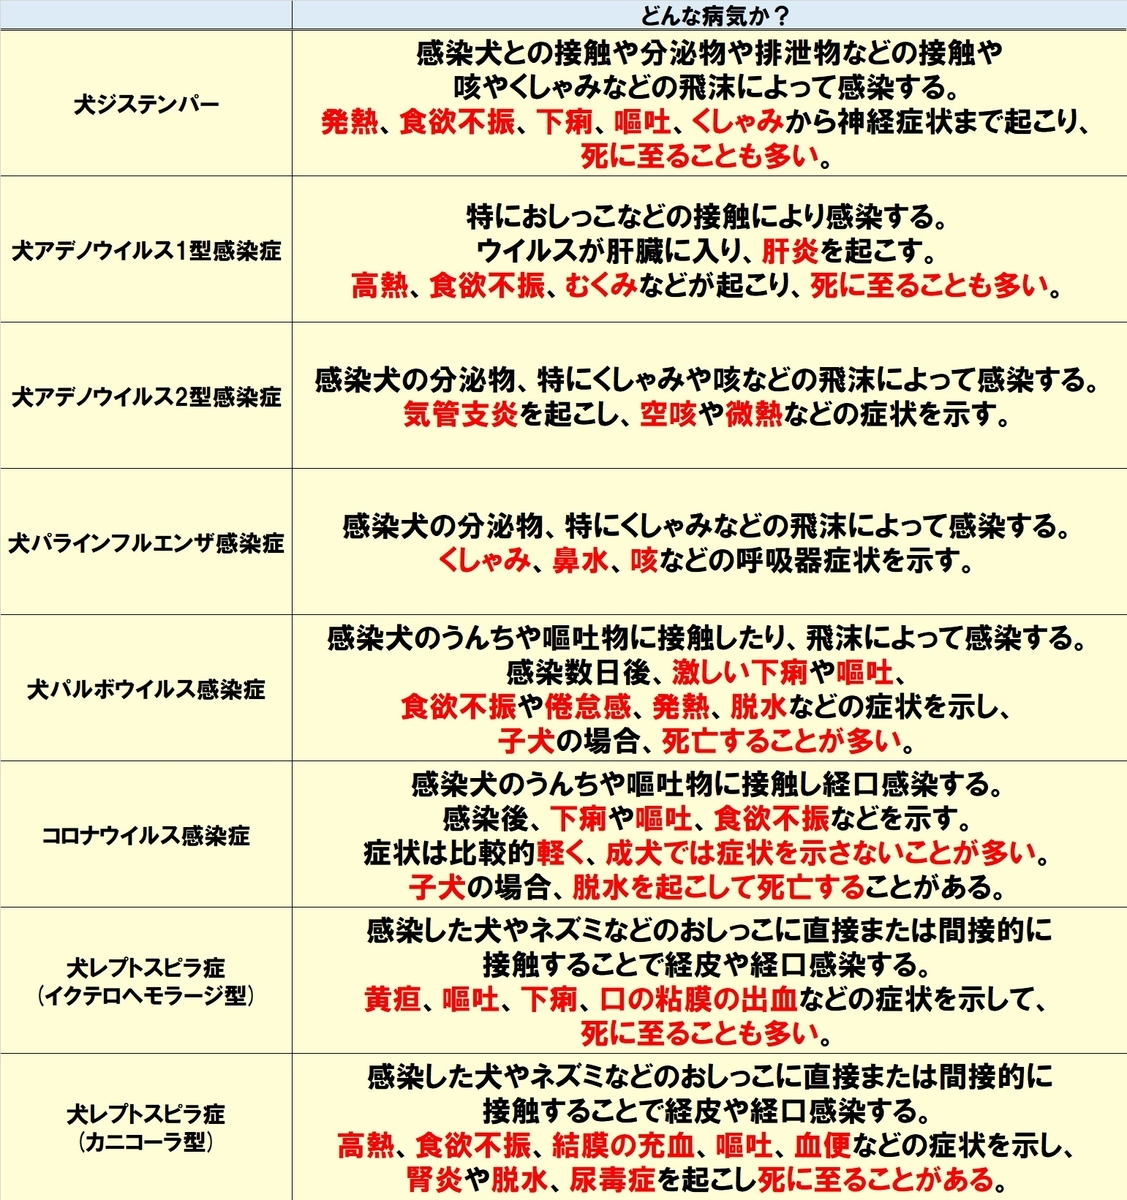 f:id:moca-daily:20200322132032j:plain